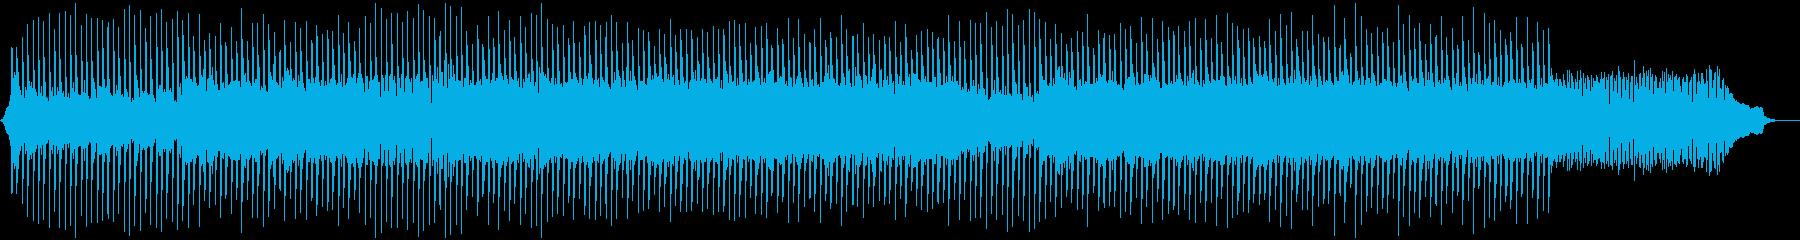 ピアノとシンセのテクノポップの再生済みの波形